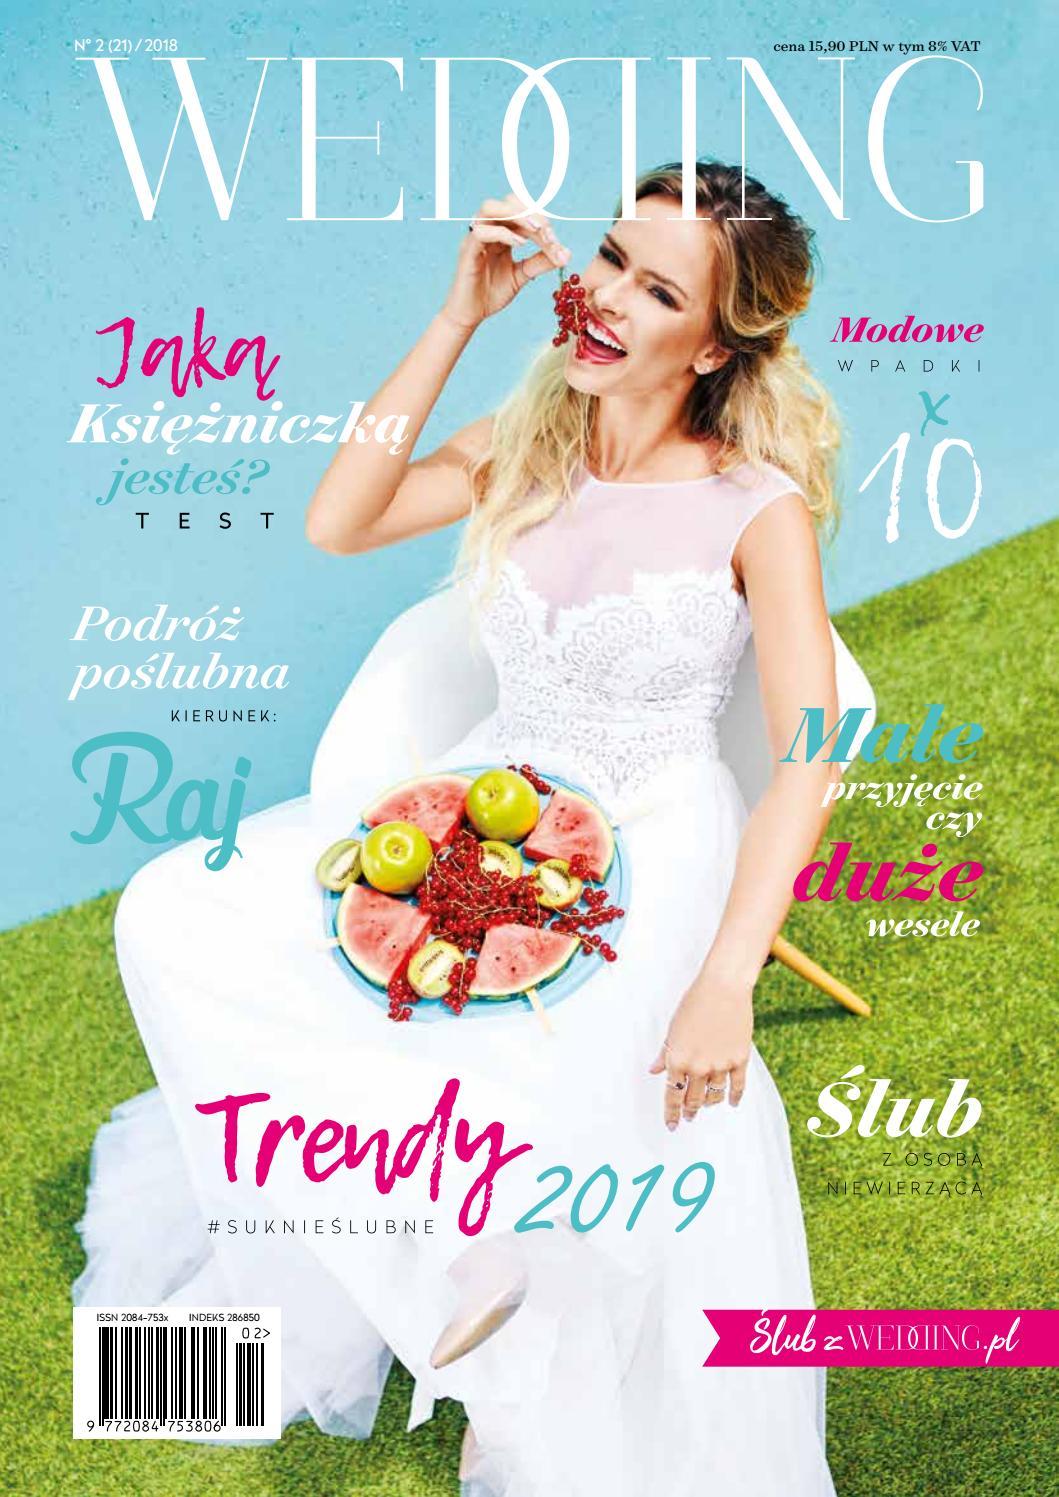 e92f3fb00c40b WEDDING magazyn ślubny www.slubzwedding,pl by WEDDING - issuu